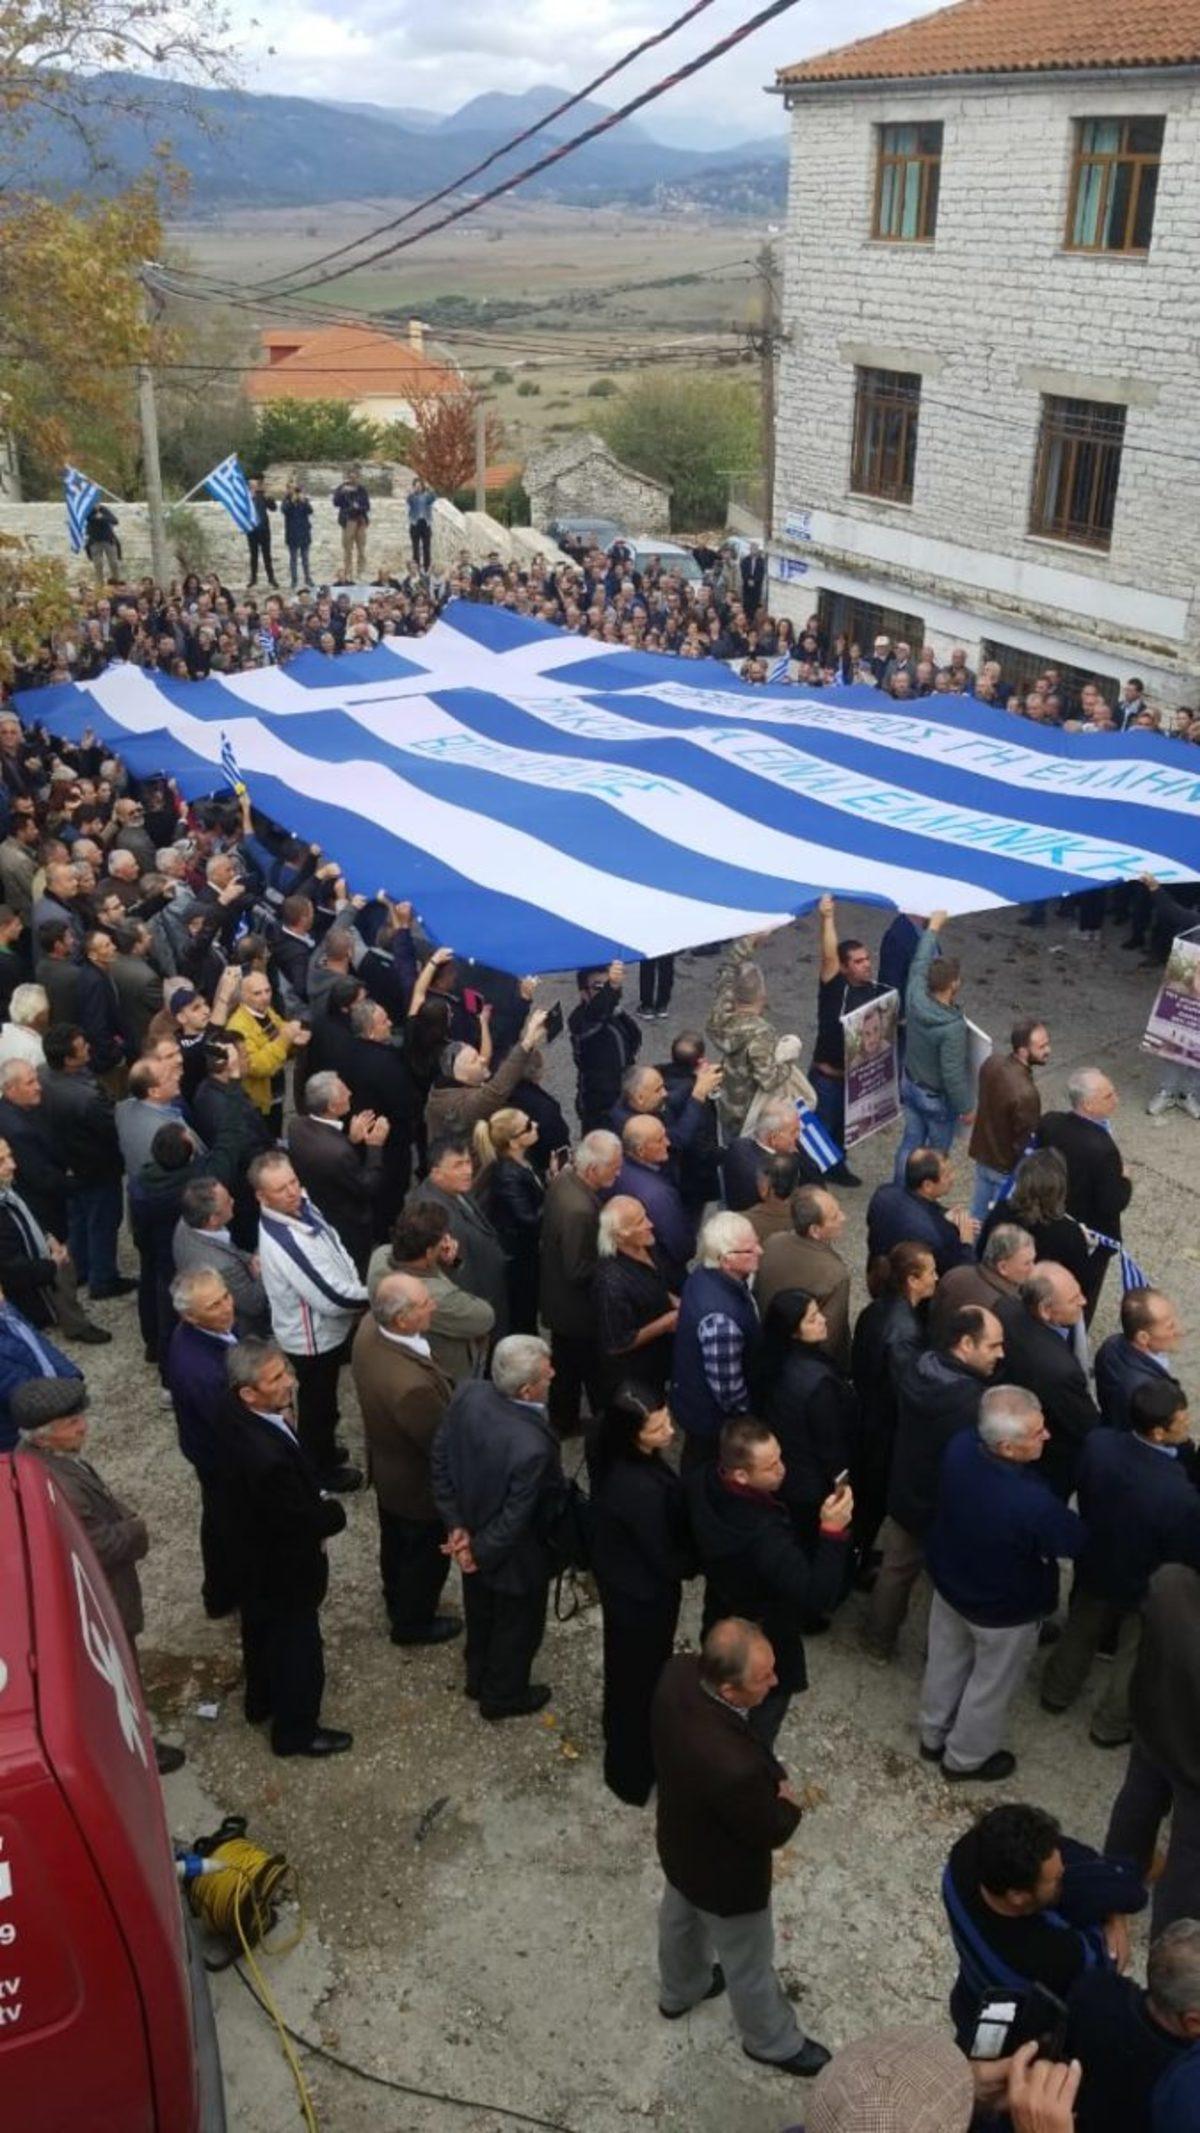 Ελεύθεροι οι Έλληνες που συνέλαβαν οι Αλβανοί μετά την κηδεία Κατσίφα | Newsit.gr